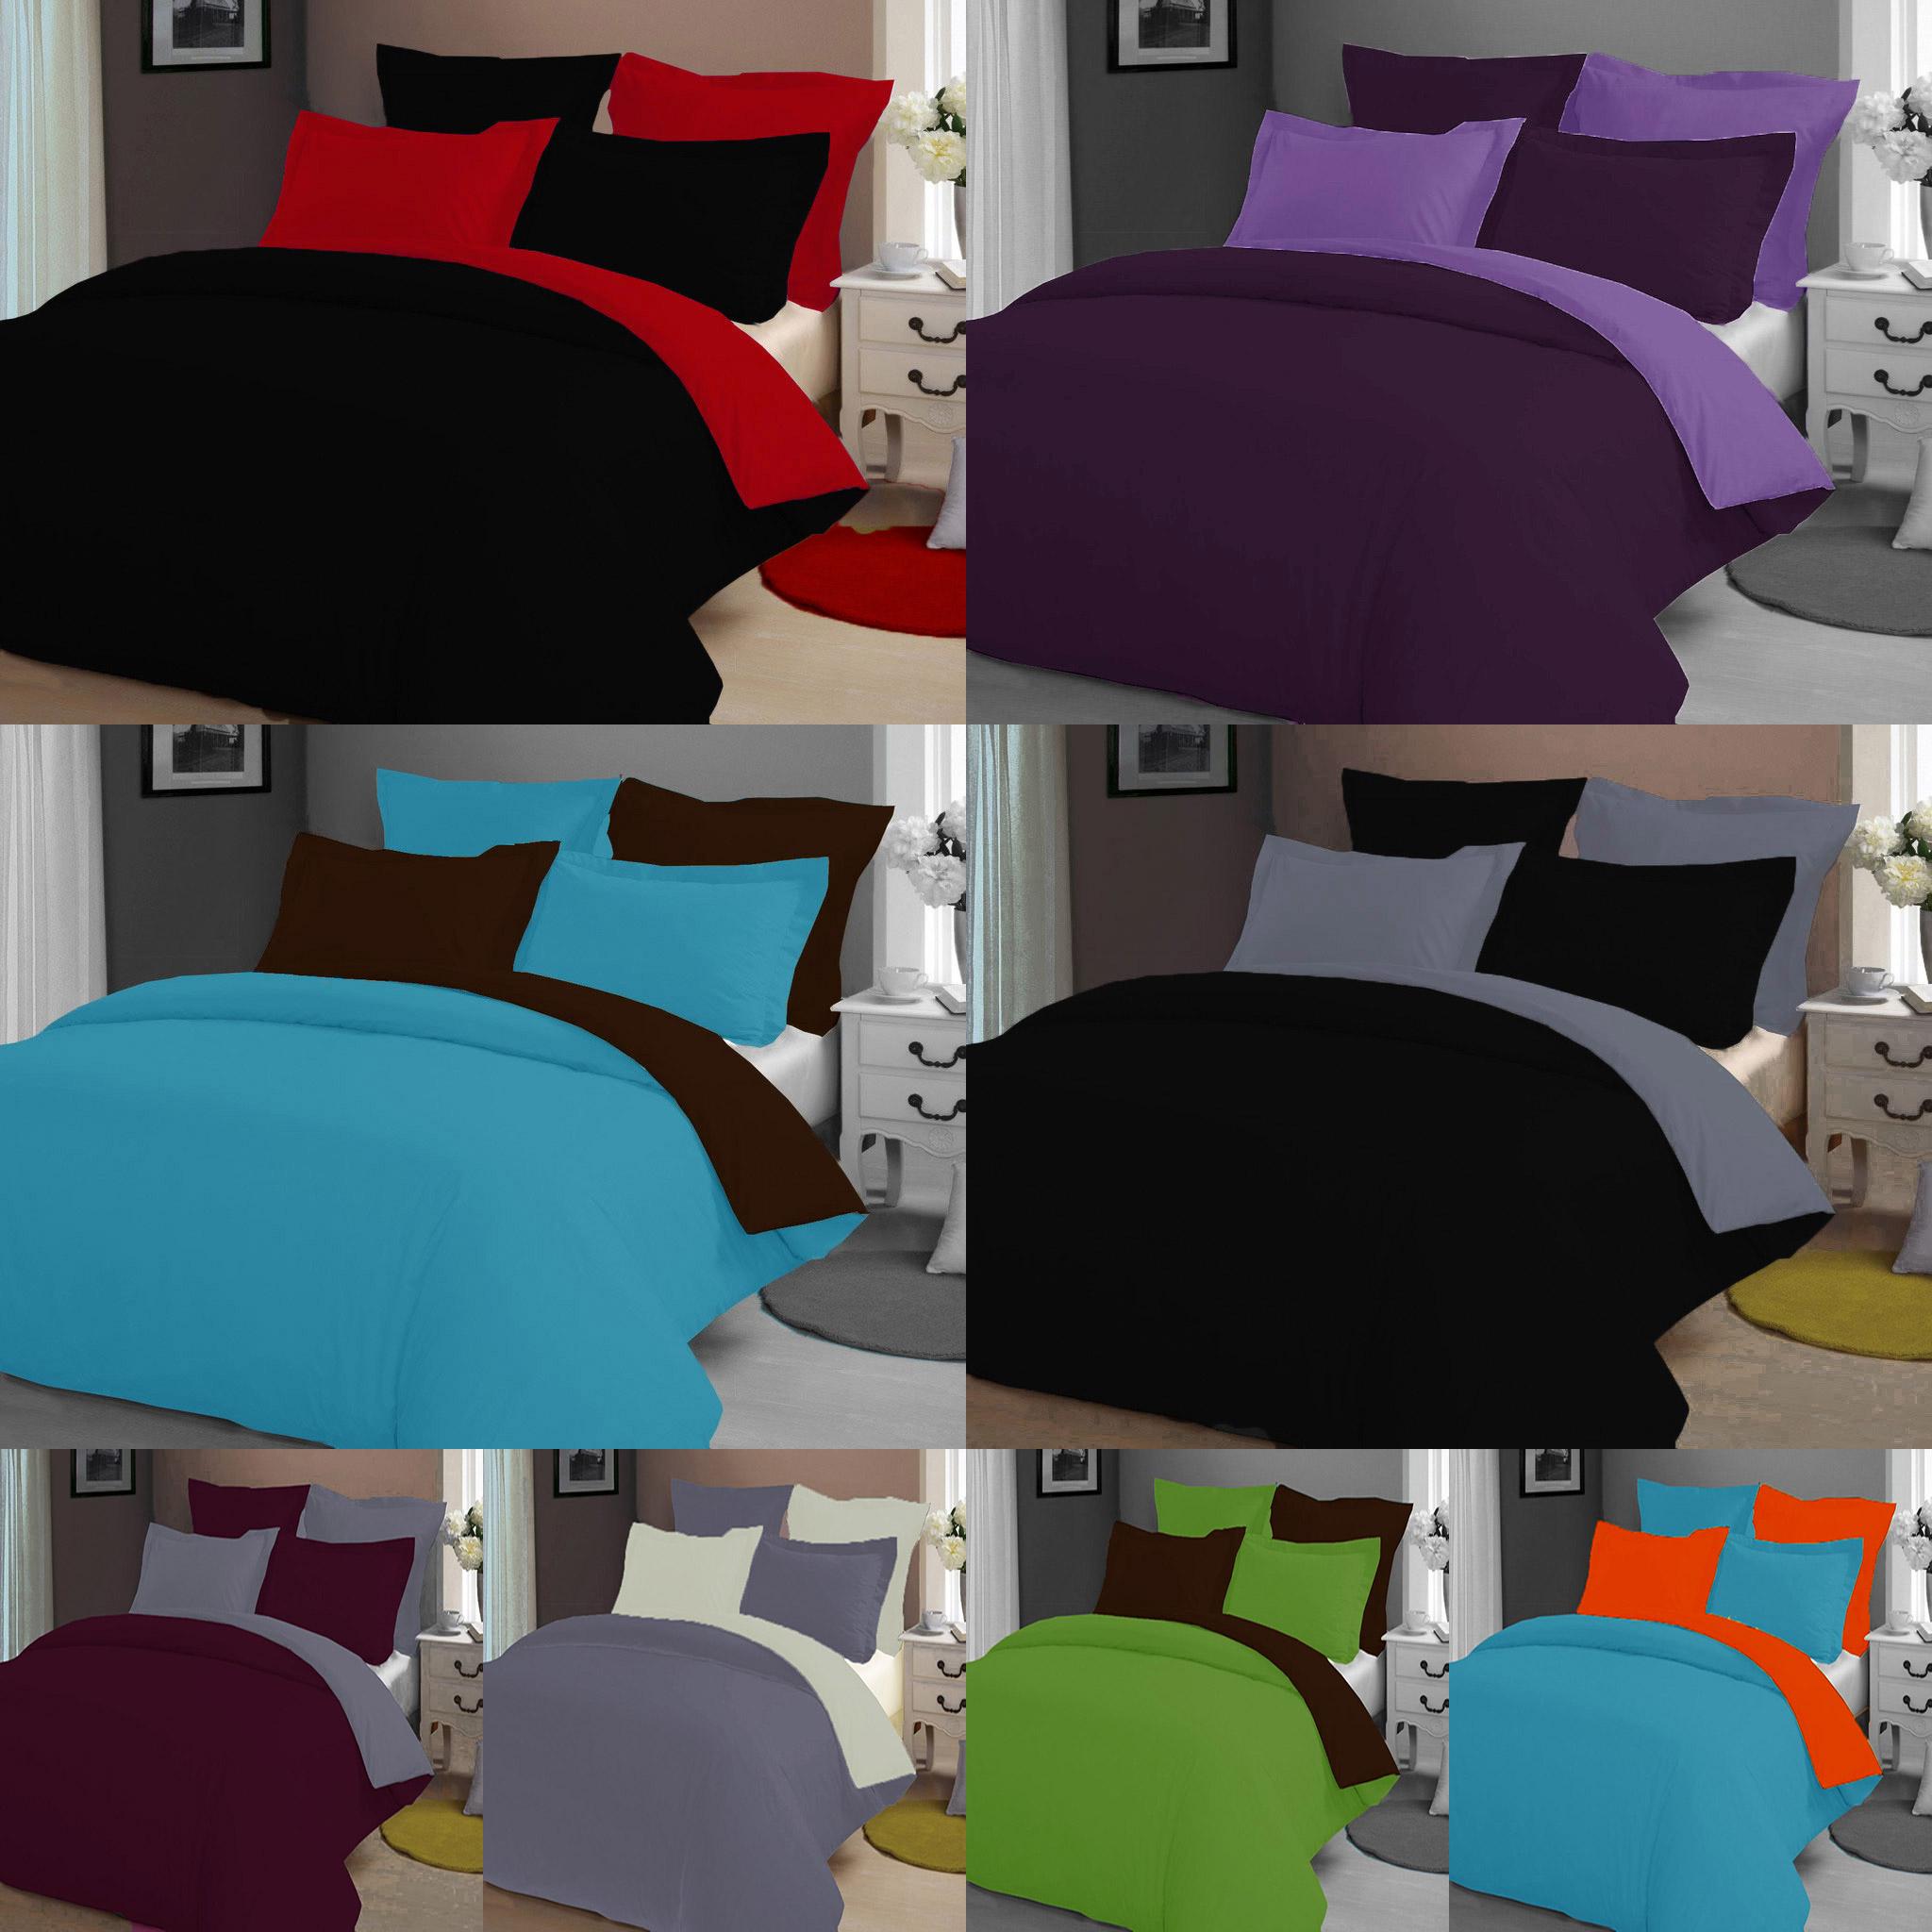 5 tlg bettw sche wendebettw sche 100 baumwolle 200x200 cm viele farben top ebay. Black Bedroom Furniture Sets. Home Design Ideas